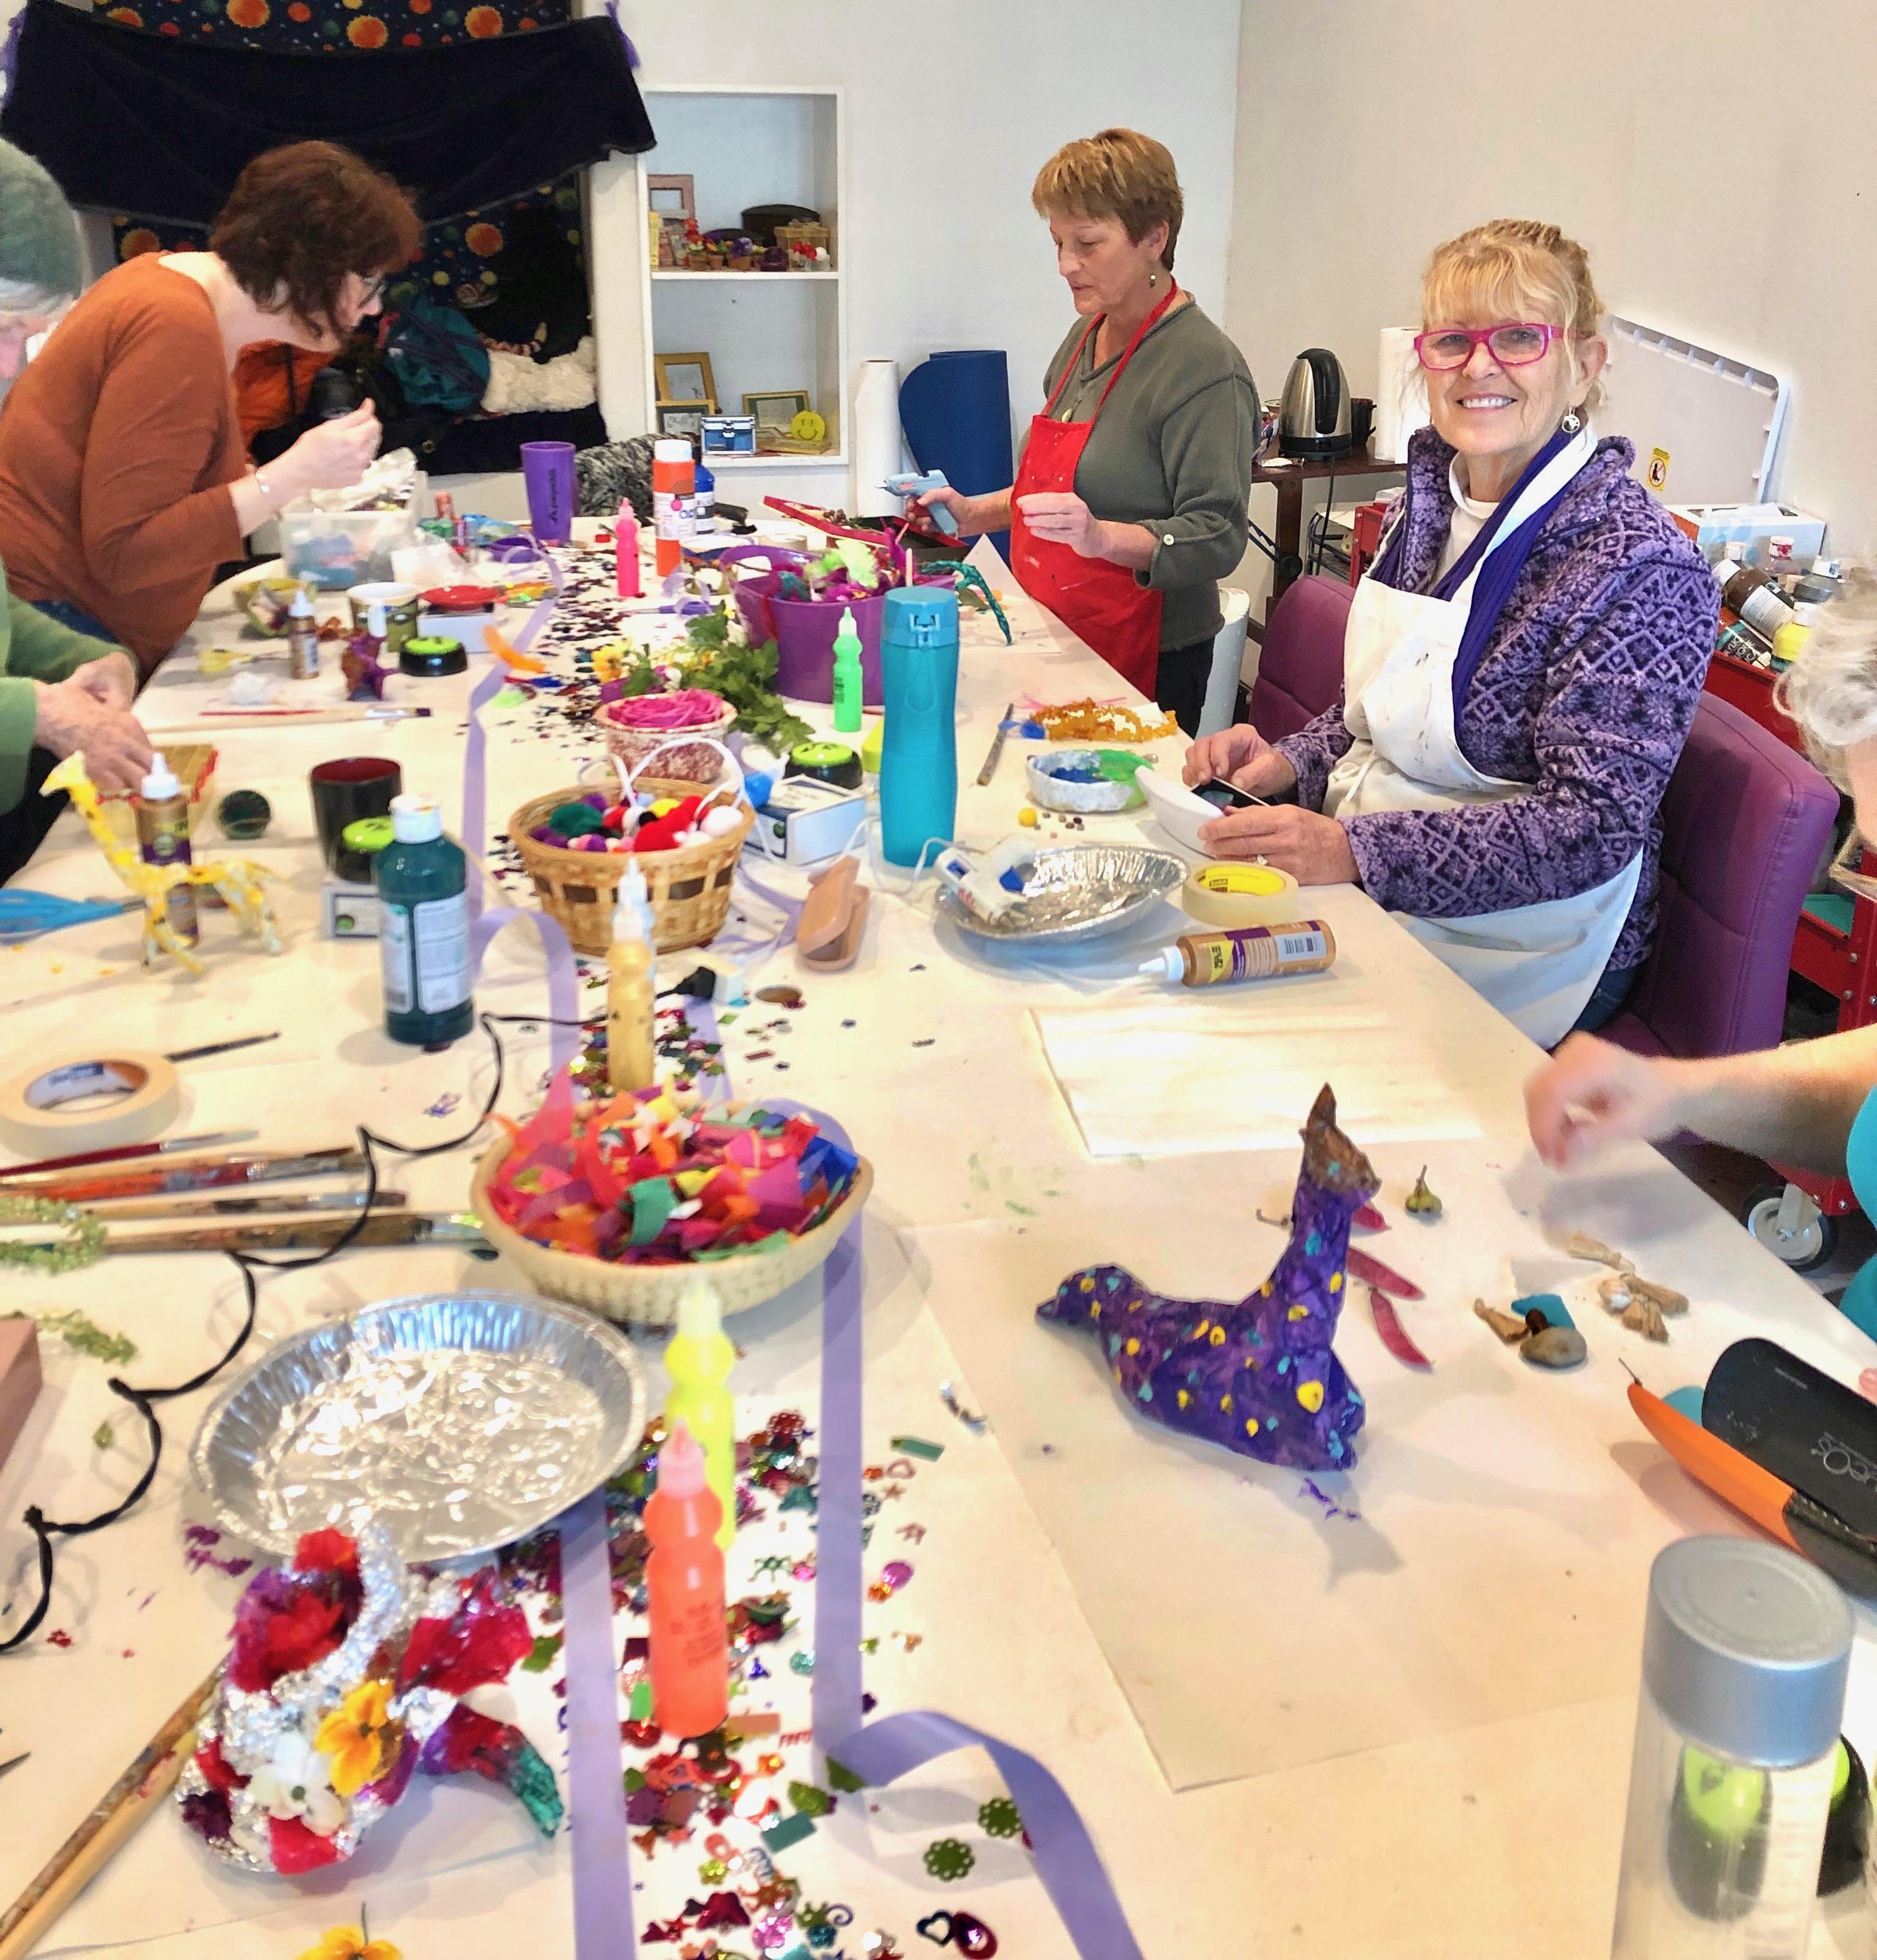 Mixed Media participants at play